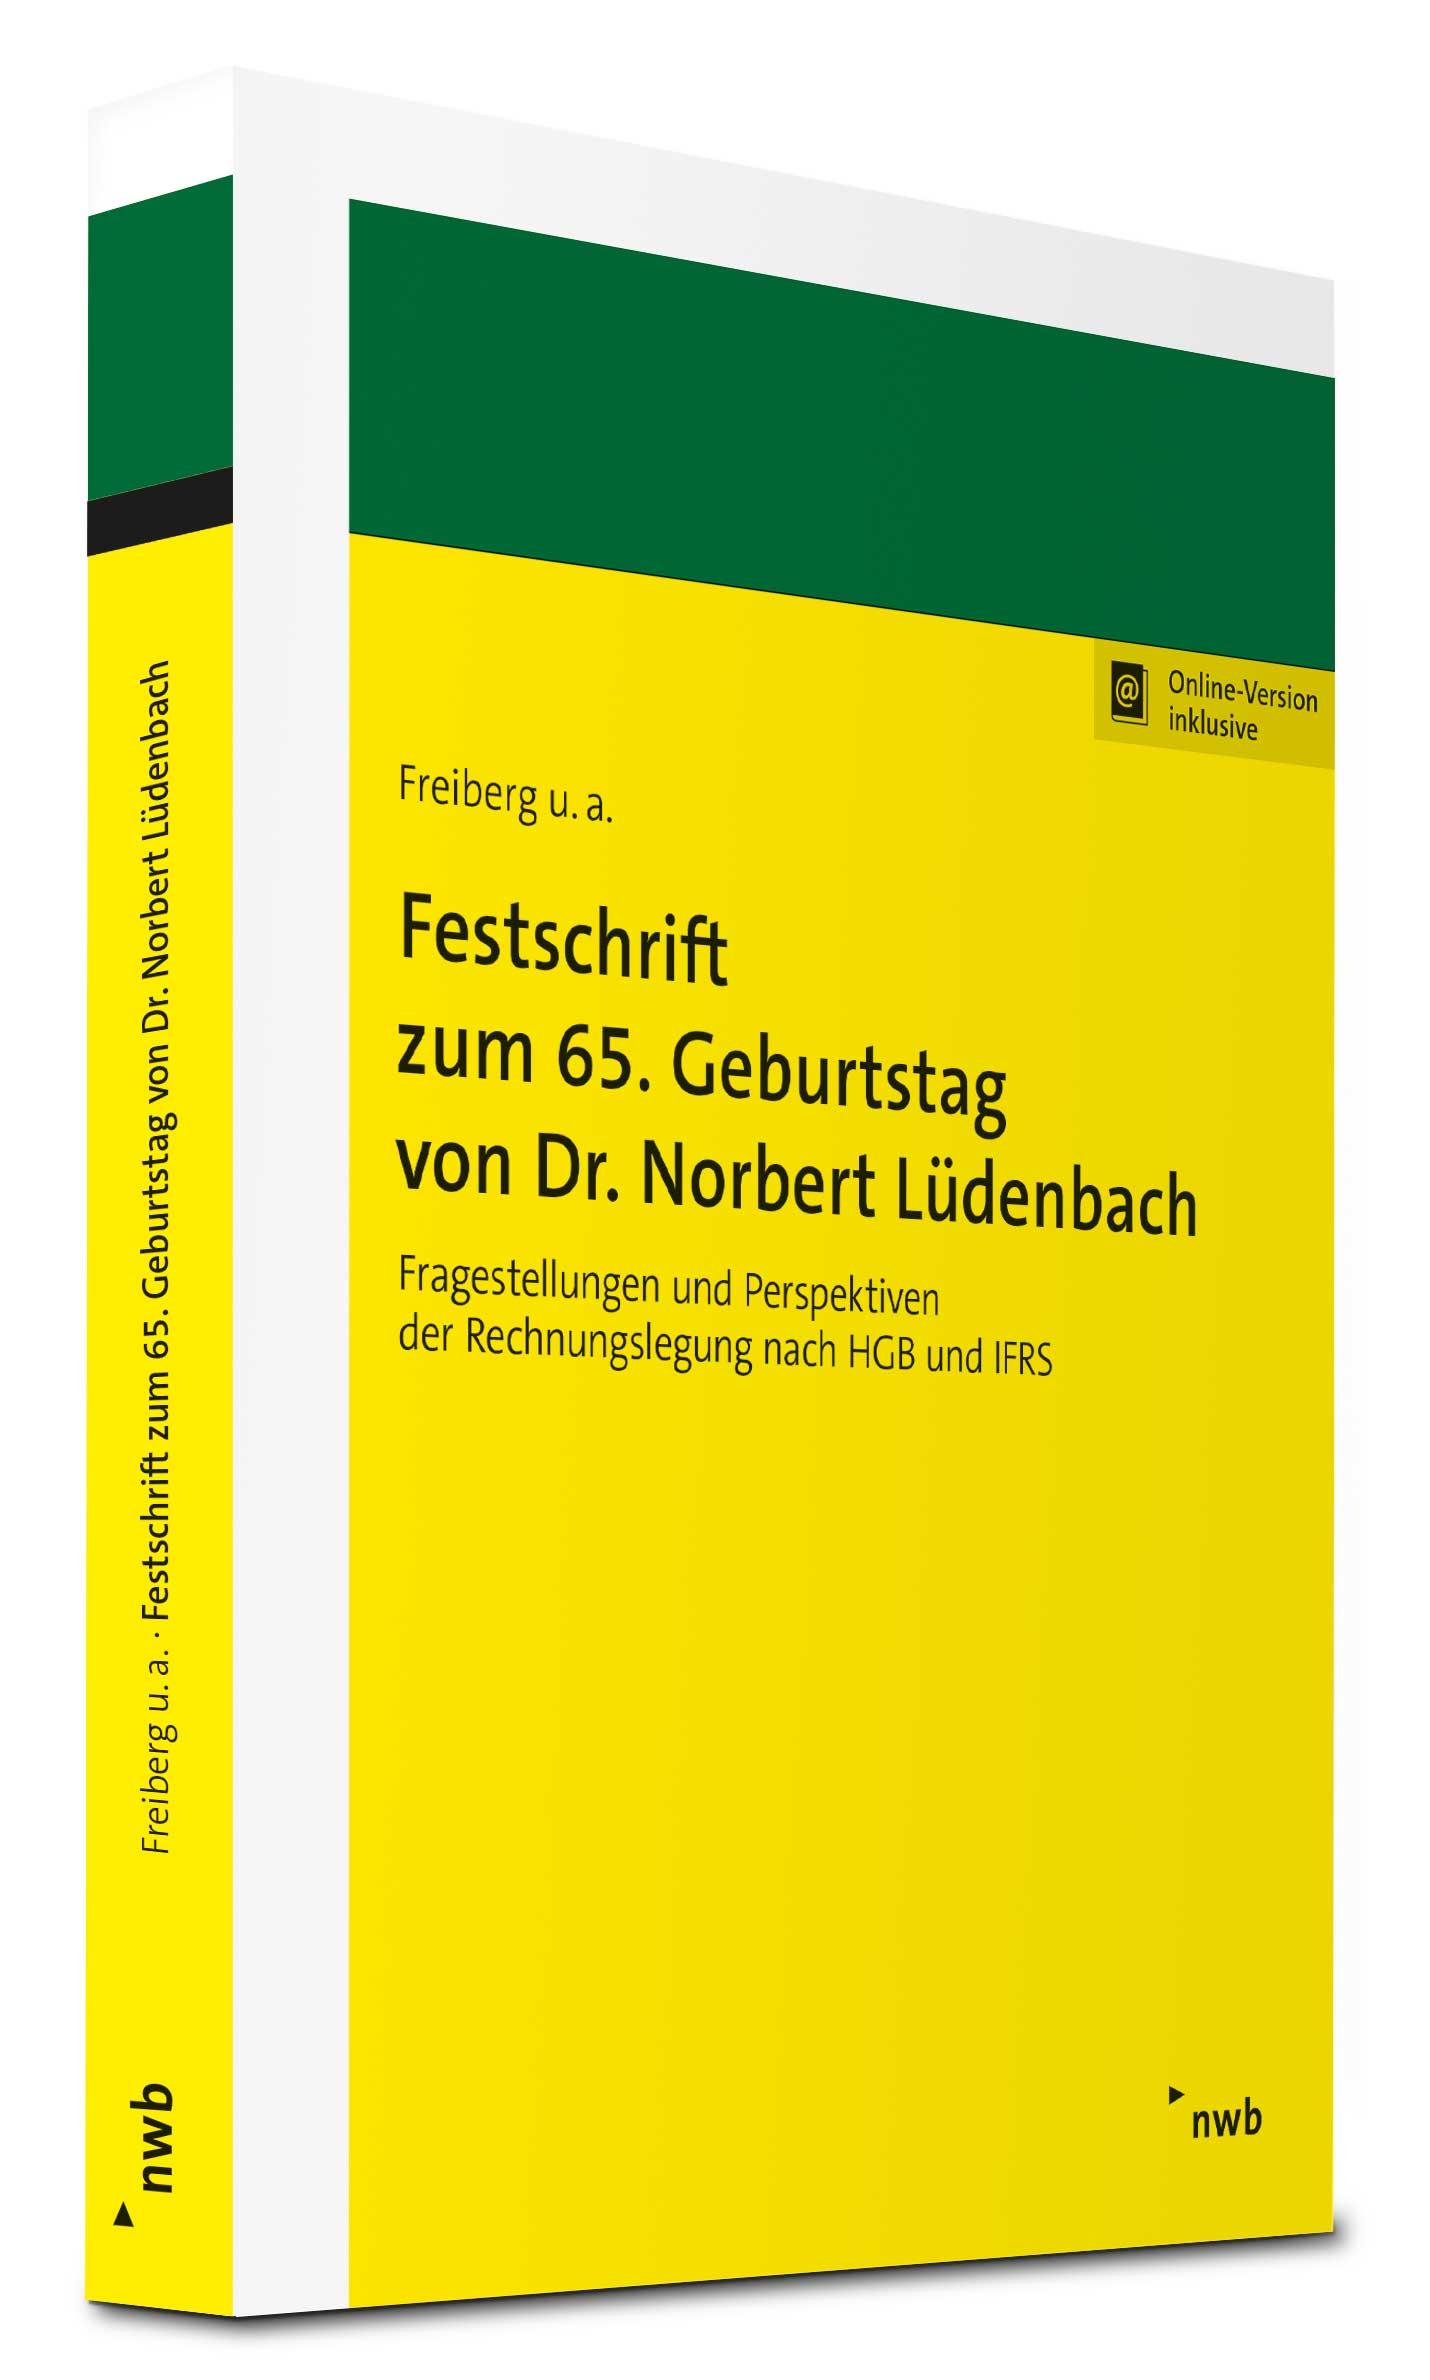 Festschrift zum 65. Geburtstag von Dr. Norbert Lüdenbach